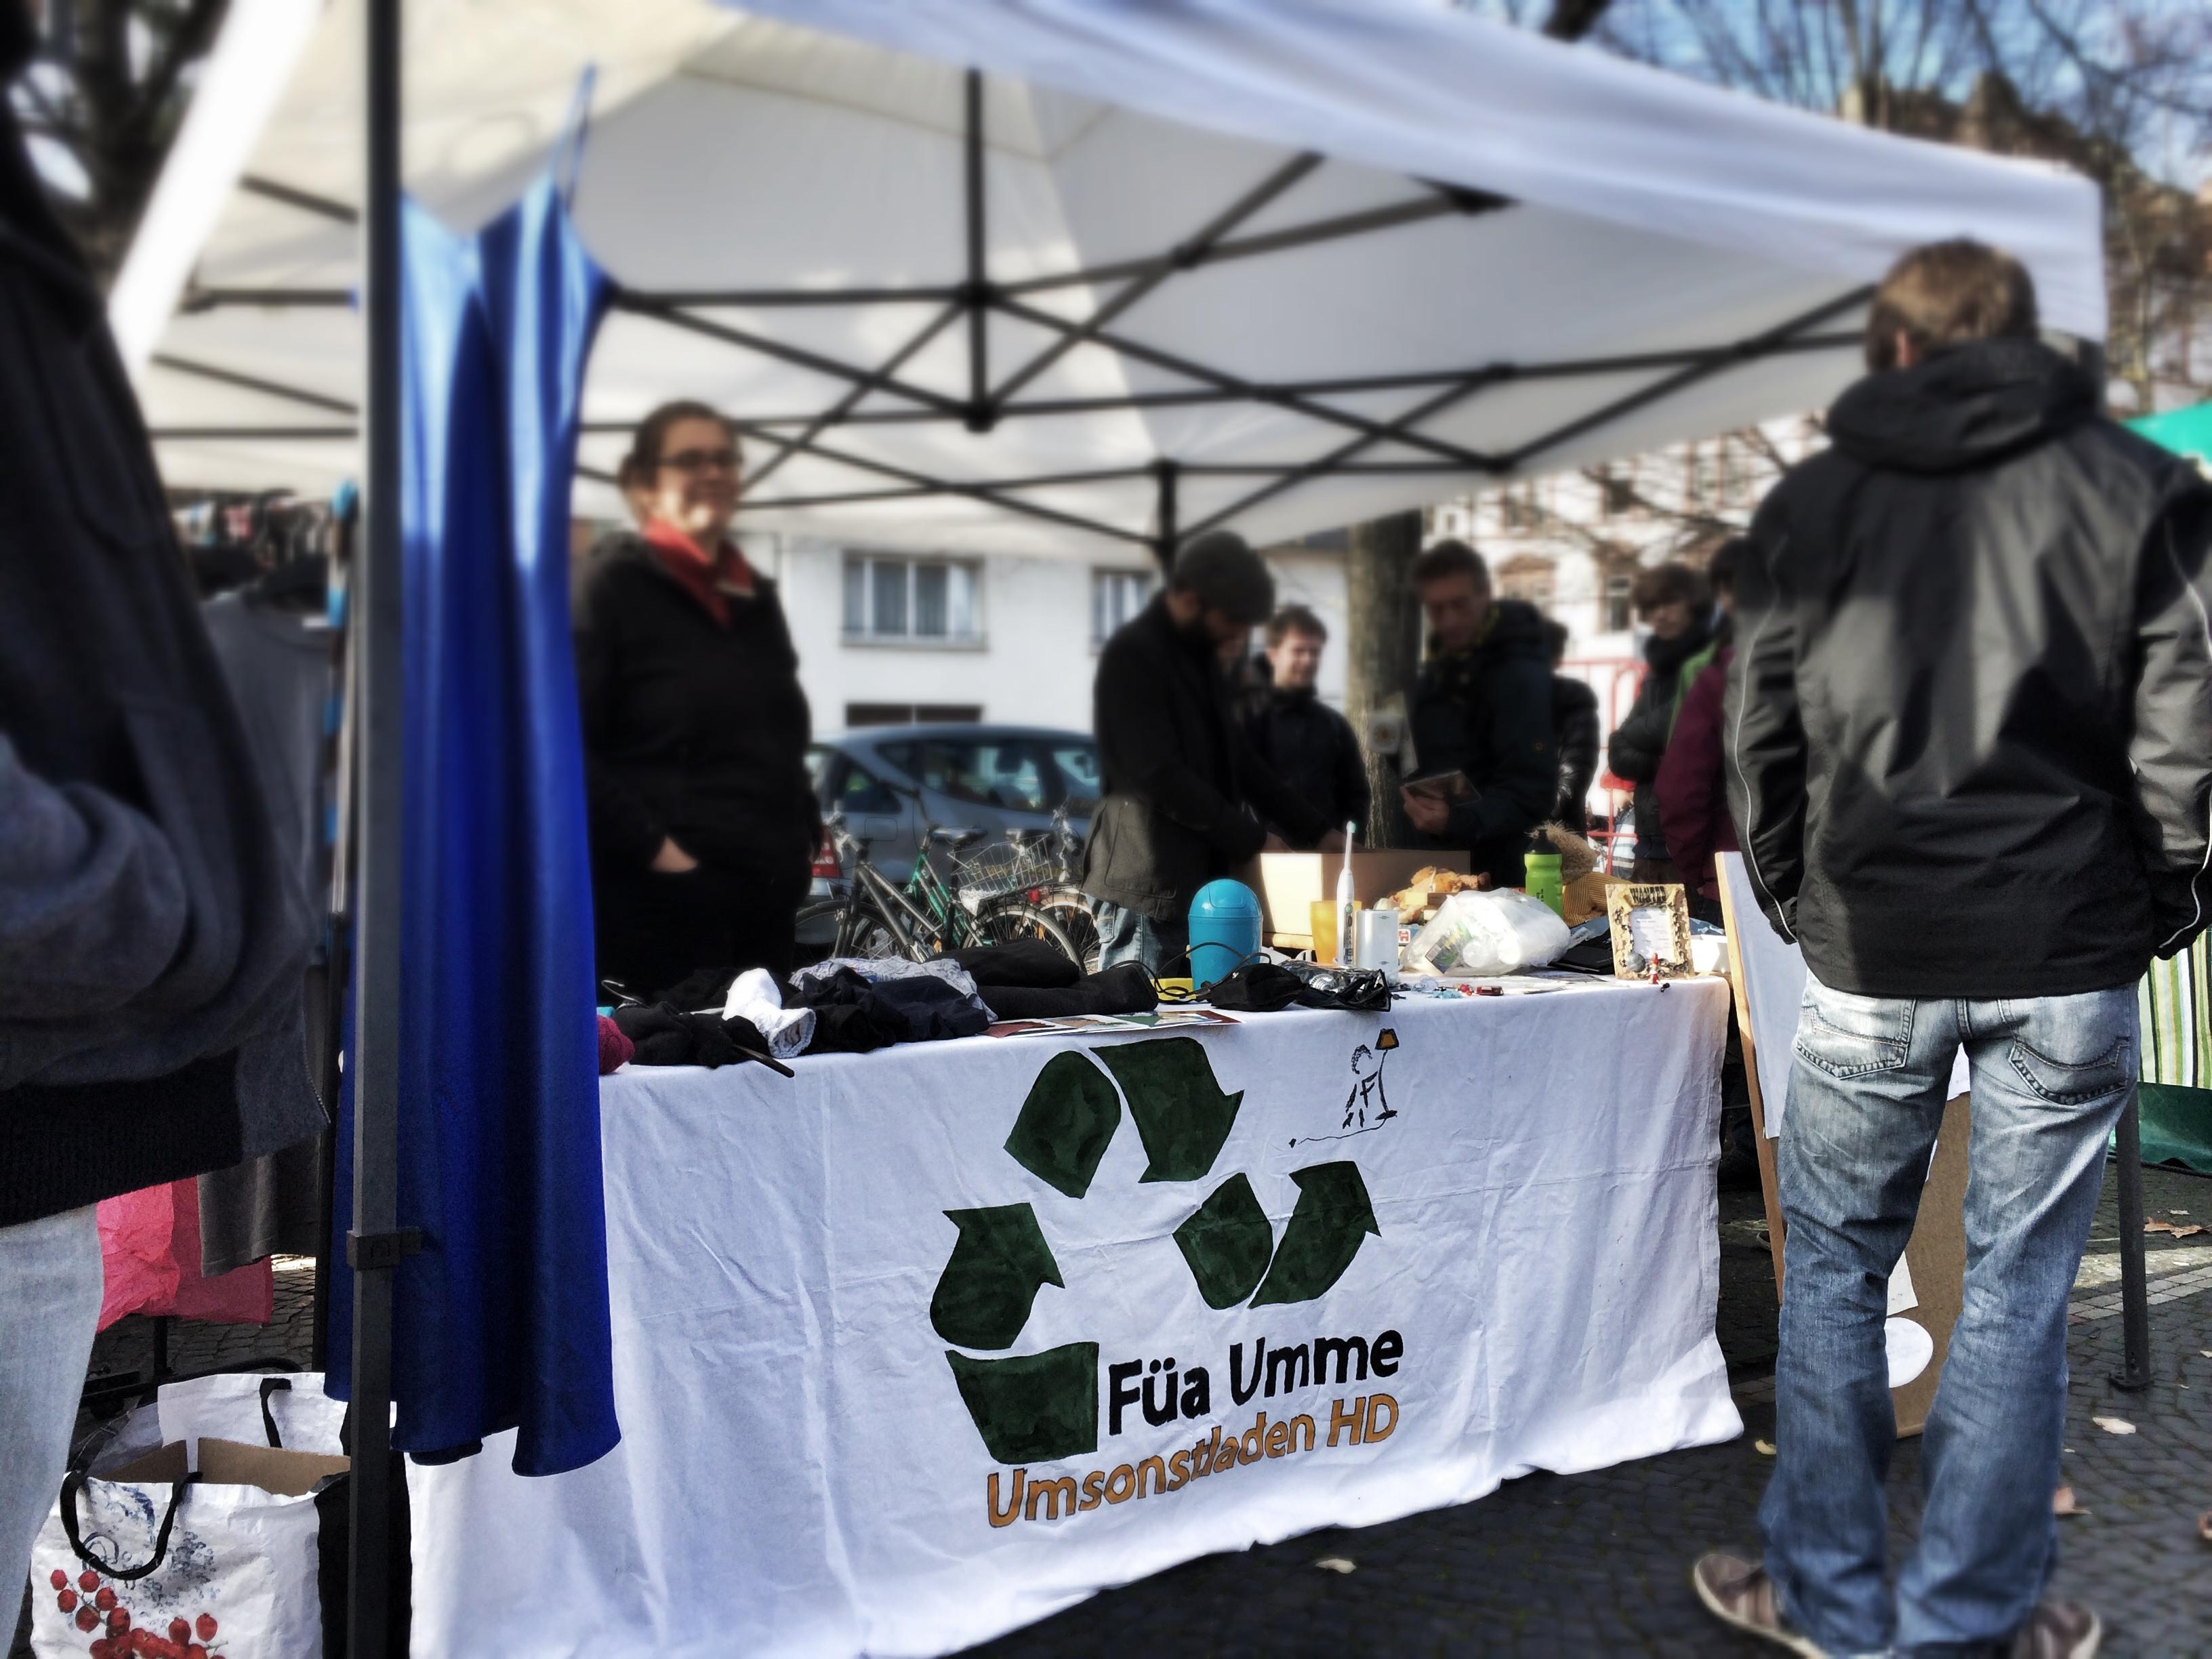 Der Umsonstladenstand auf dem Weststadtmarkt. Bild: Markus Artur Fuchs